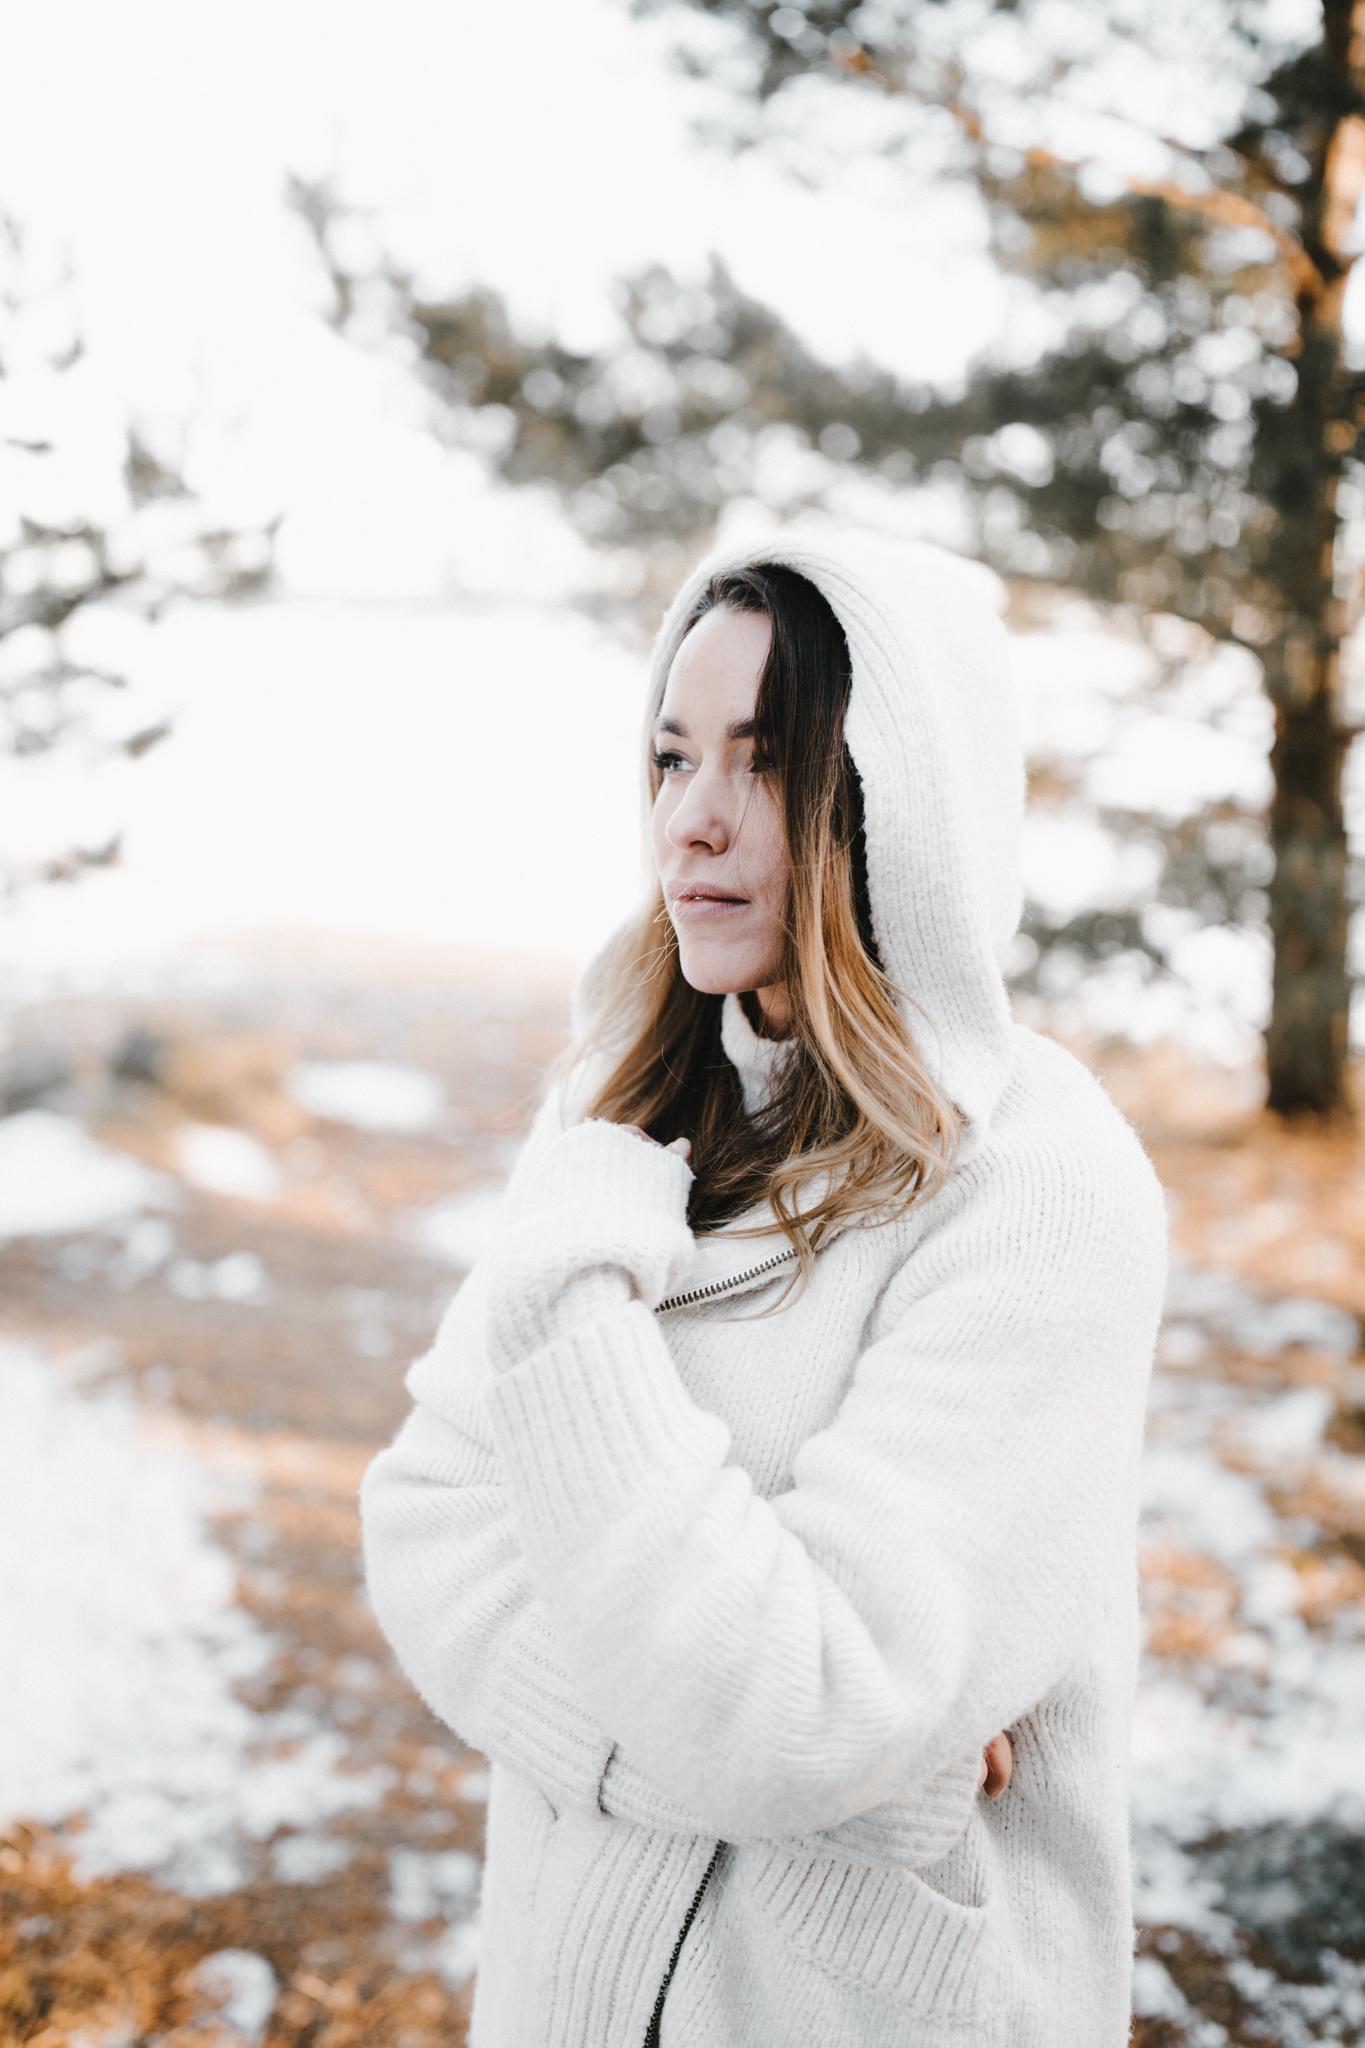 Julia Toivola -- Photos by Patrick Karkkolainen Photographer-113.jpg